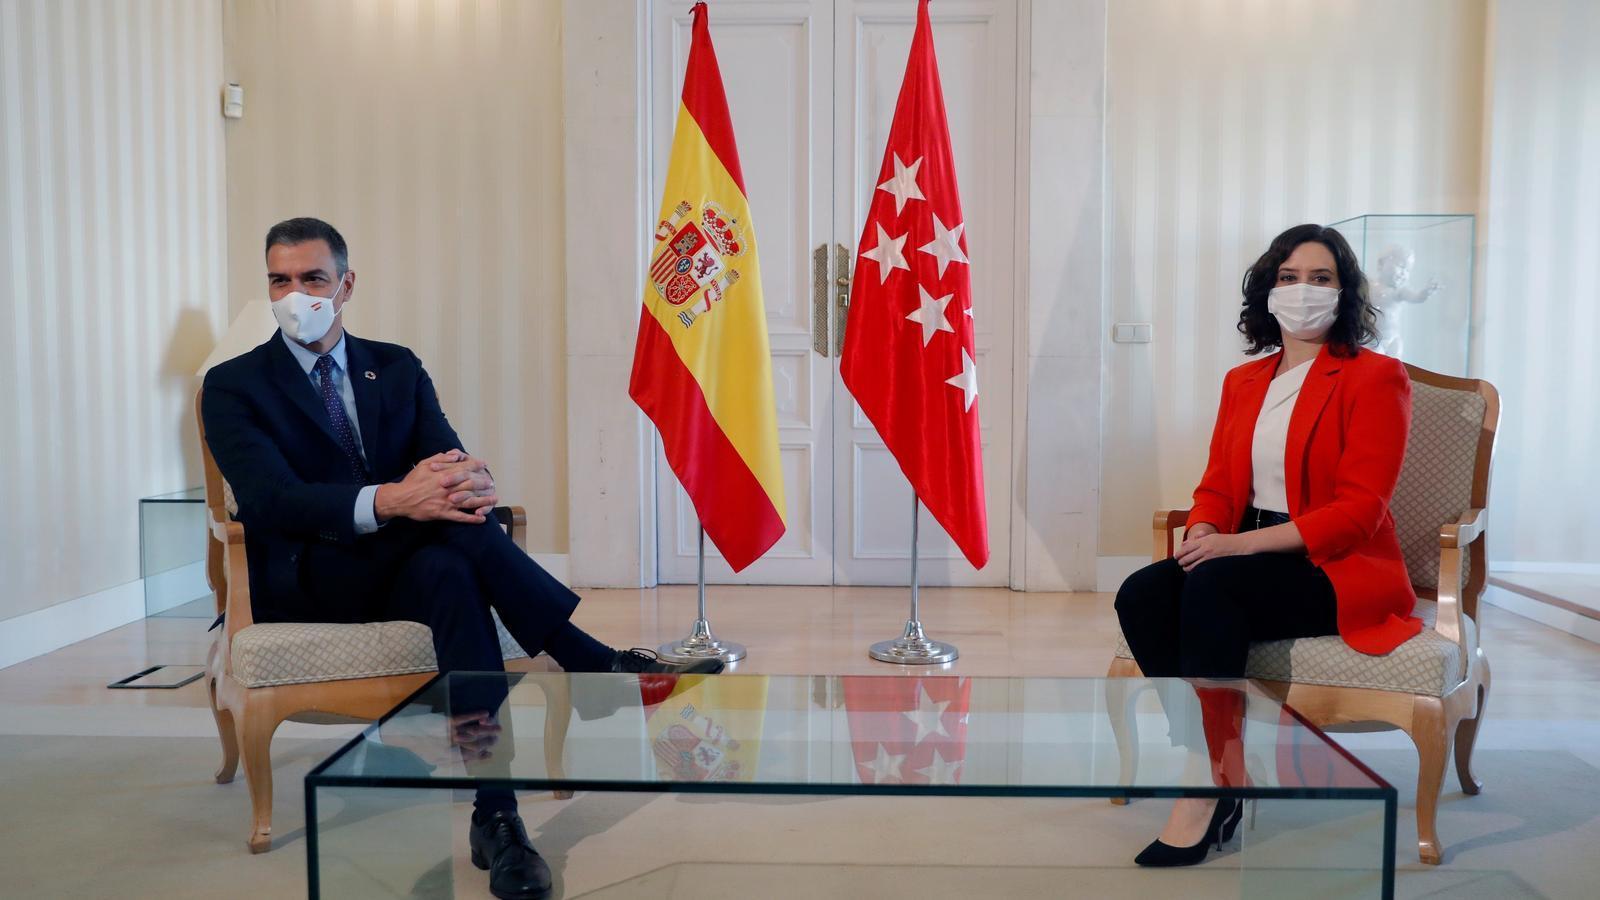 El president espanyol, Pedro Sánchez, i la madrilenya Isabel Díaz Ayuso aquest dilluns reunits a la seu del govern regional.